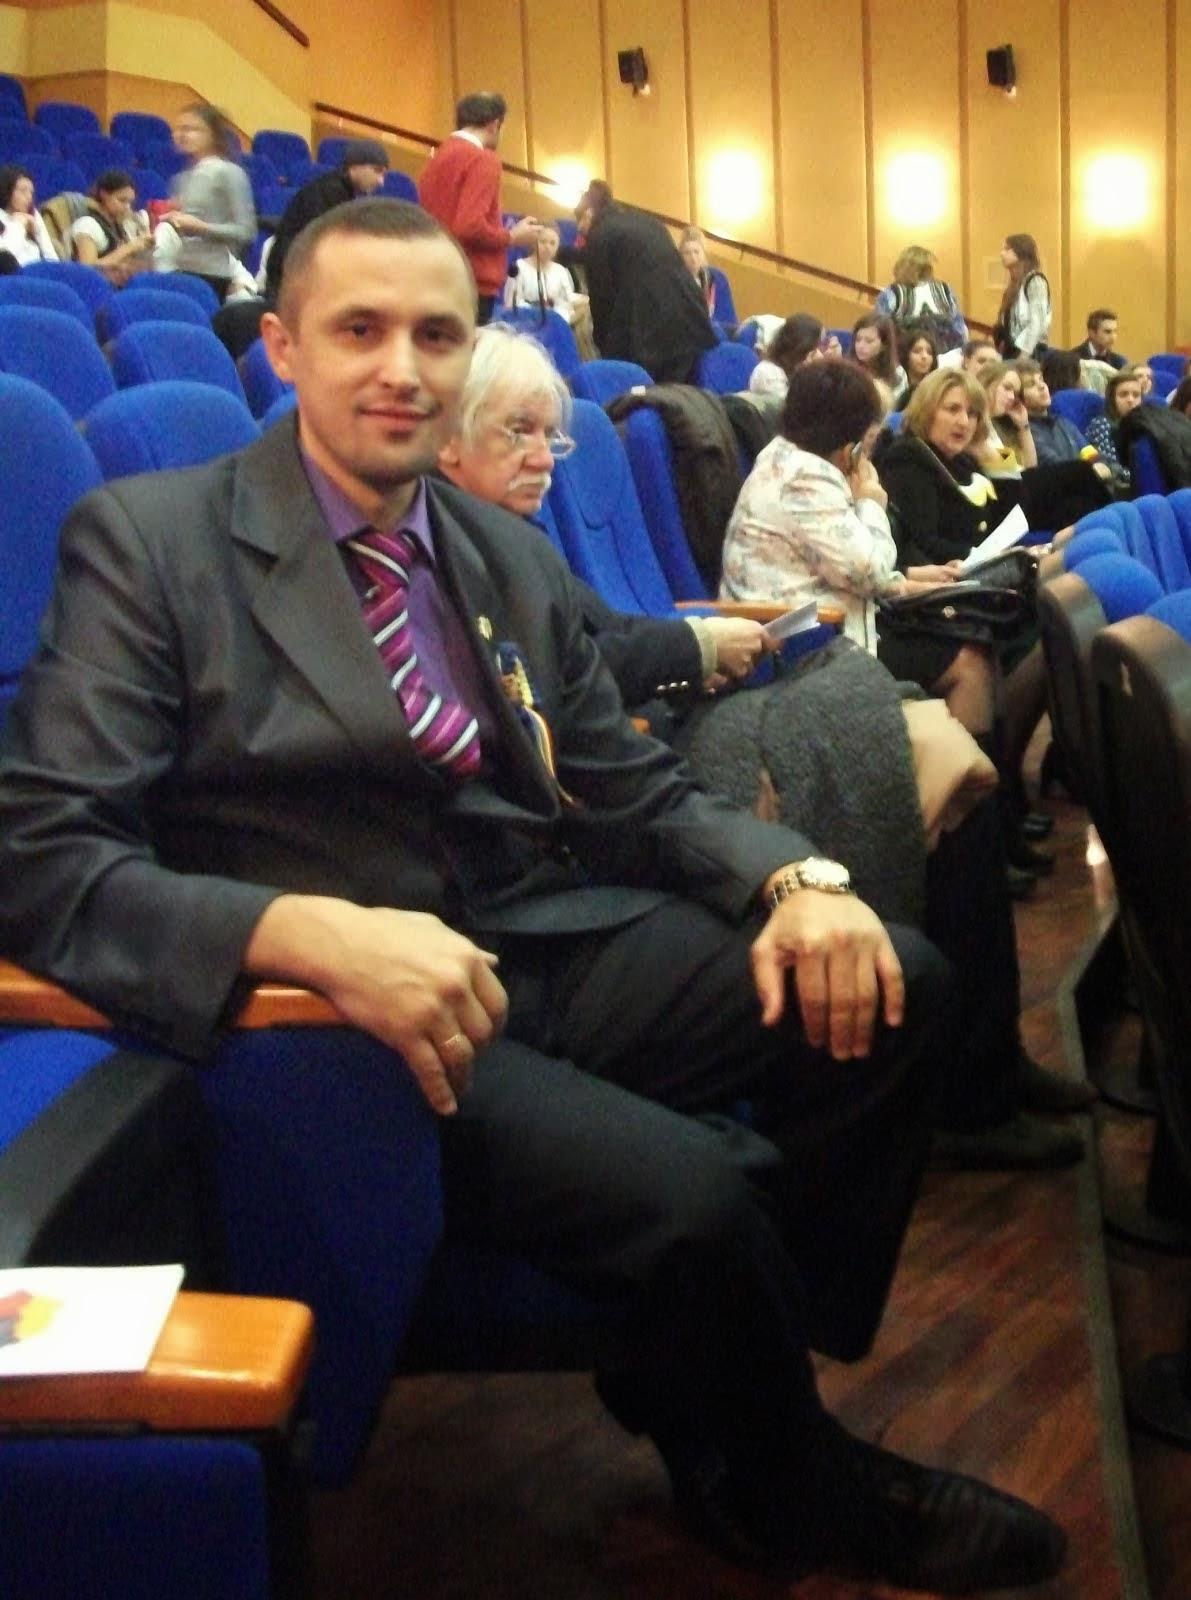 Aspecte de la conferinţa regională - 1 Decembrie - Ziua Naţională, 29.11.2013...